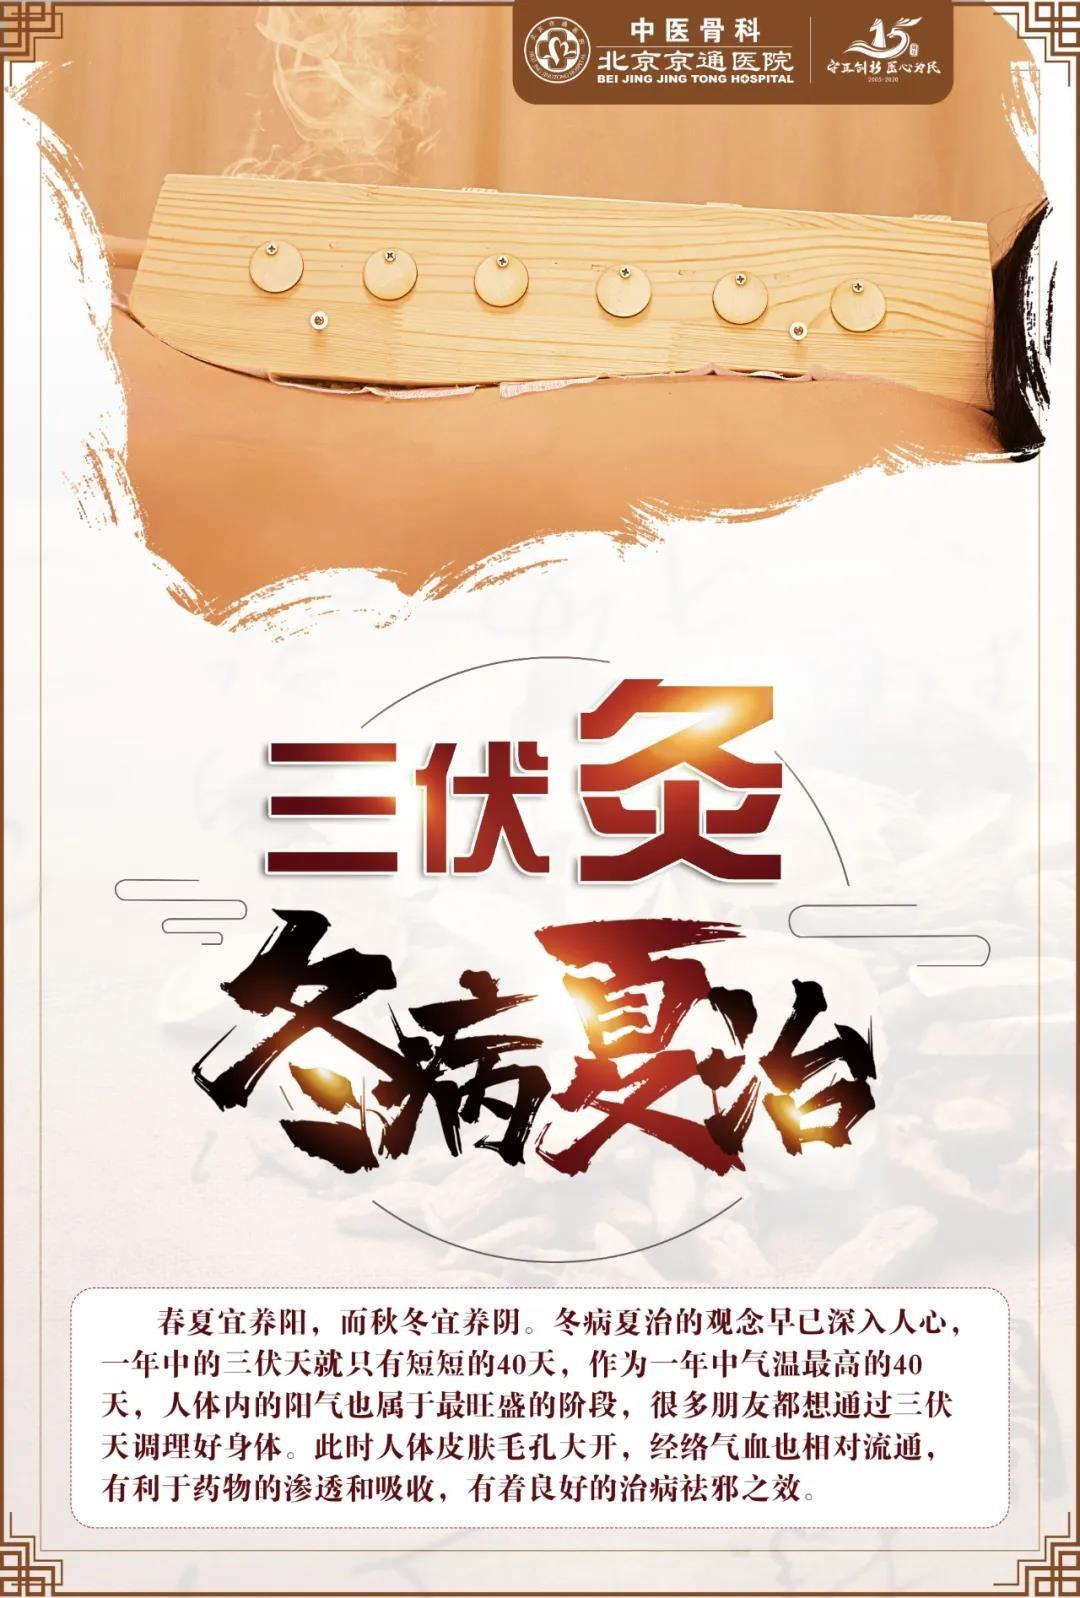 好消息!北京通州也有地方可以做三伏灸、督脉灸了。